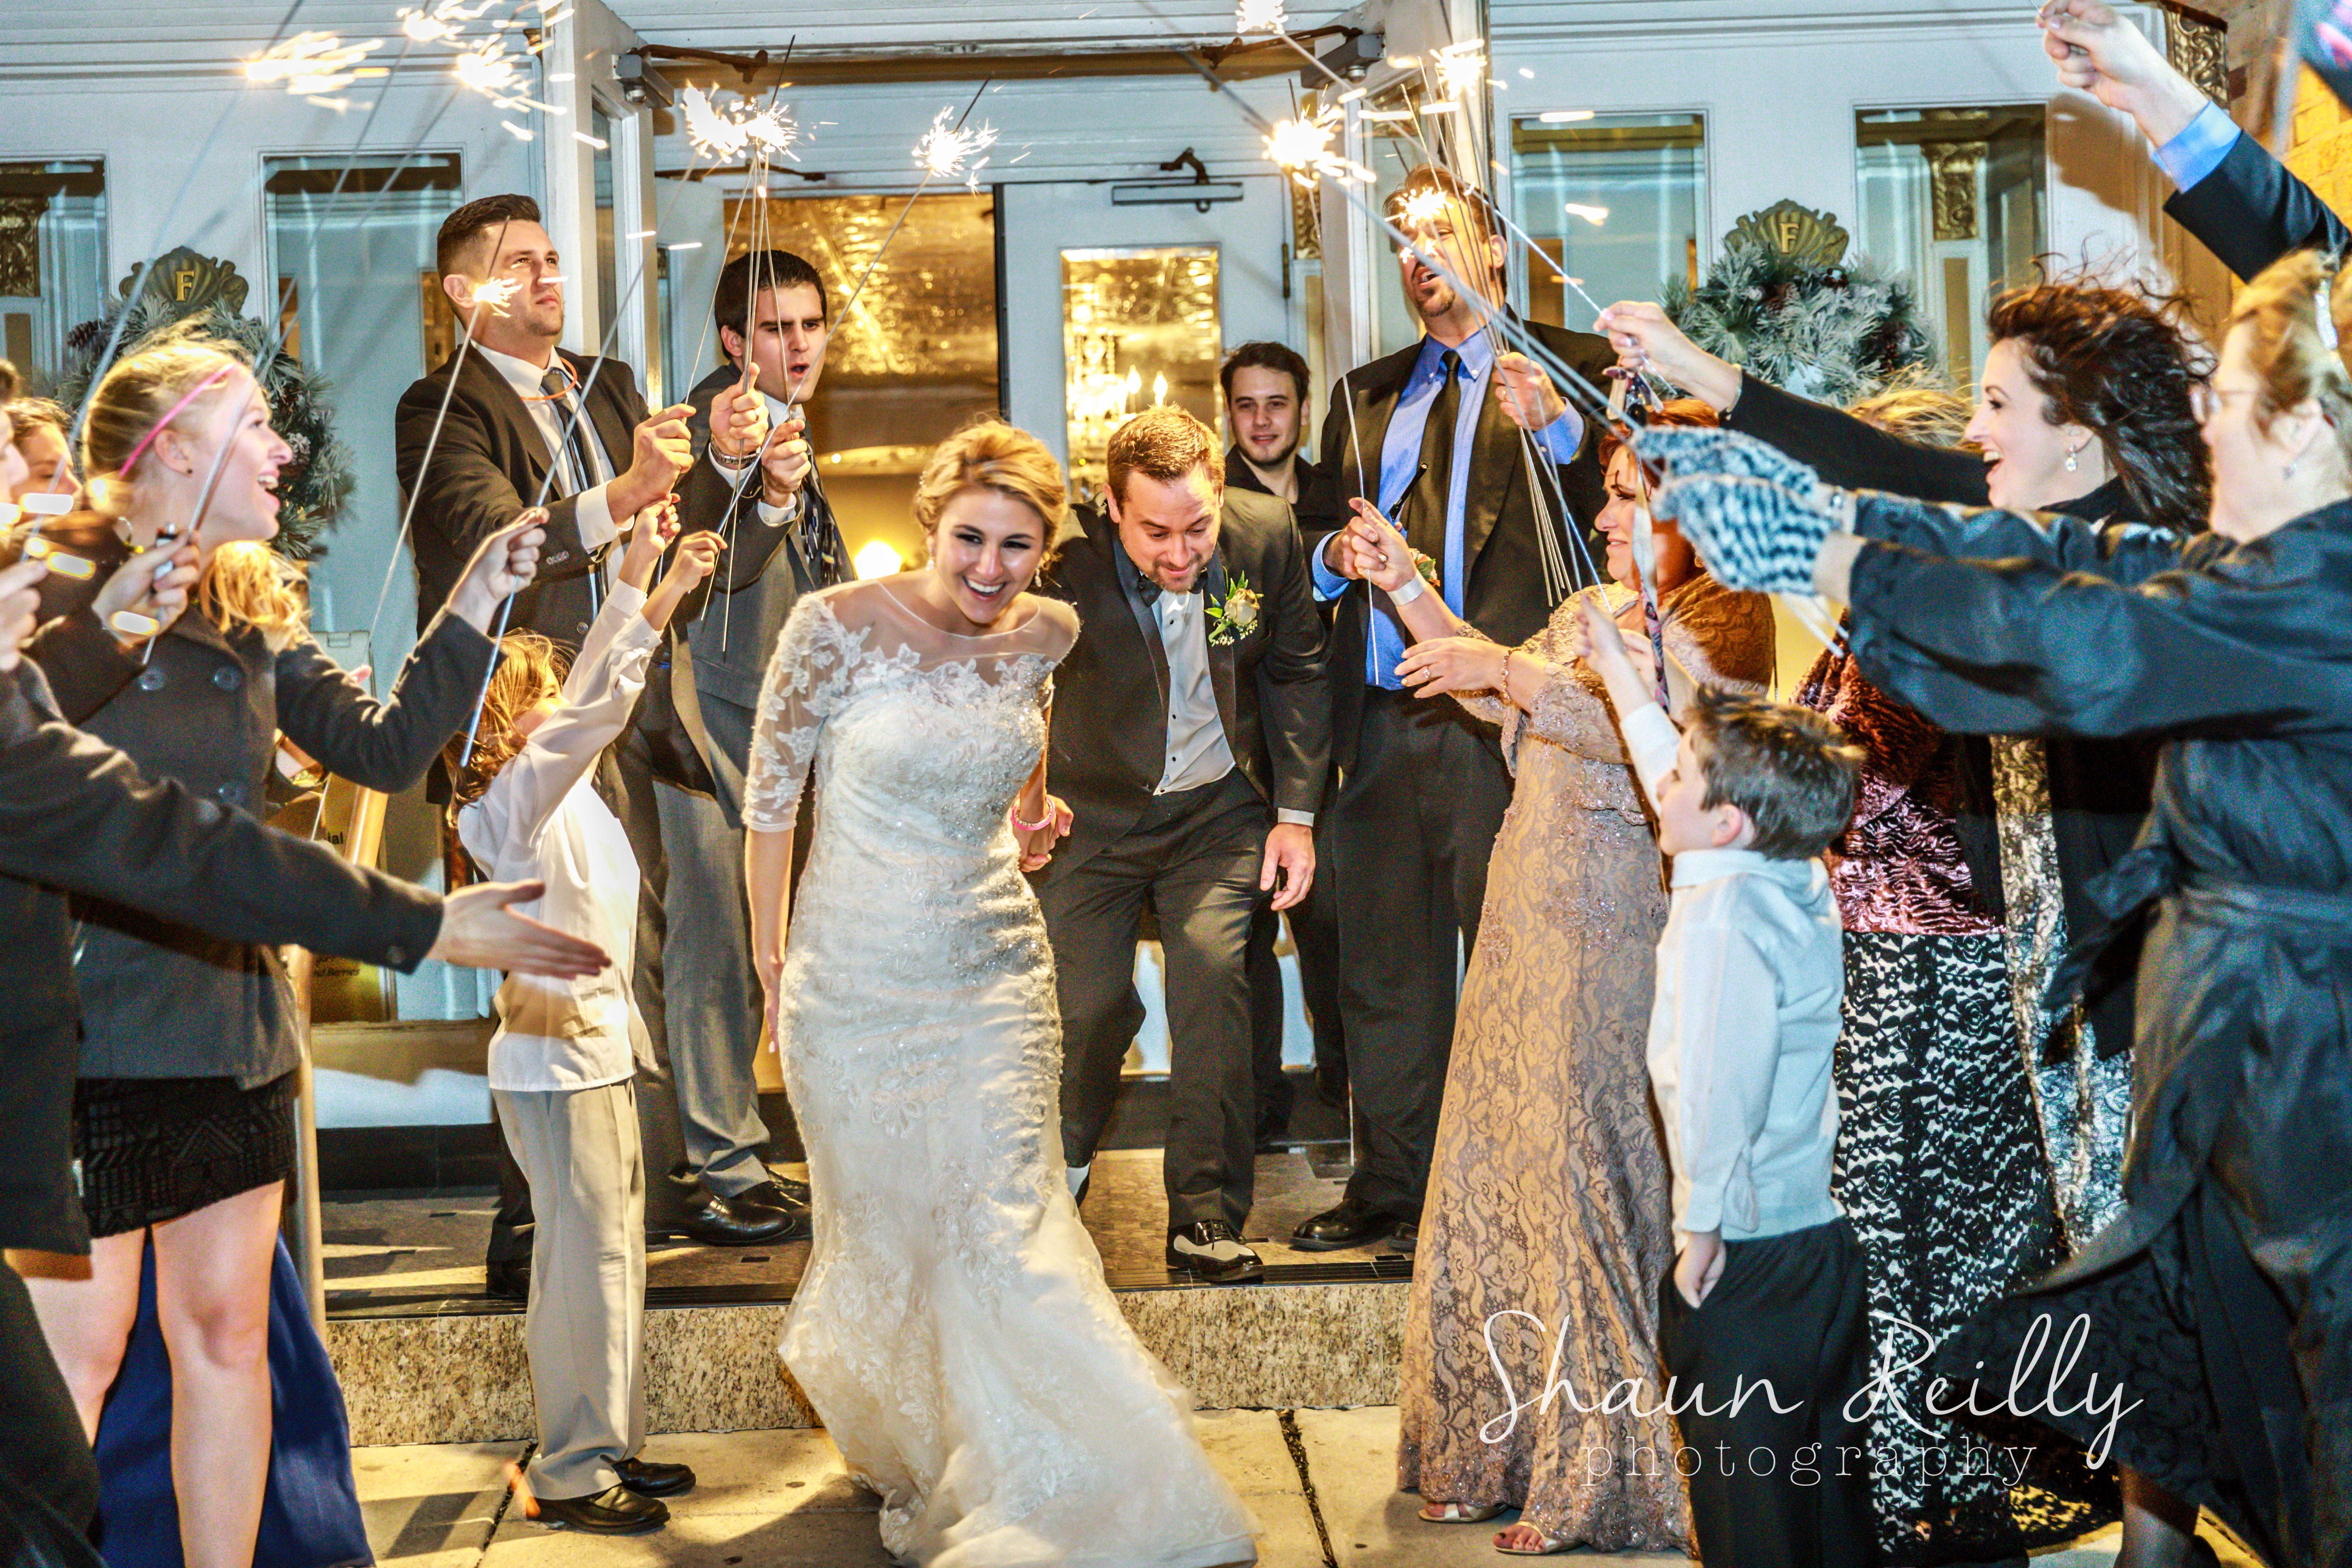 Ocean City and Jersey Shore Wedding Venue   Jersey shore ...